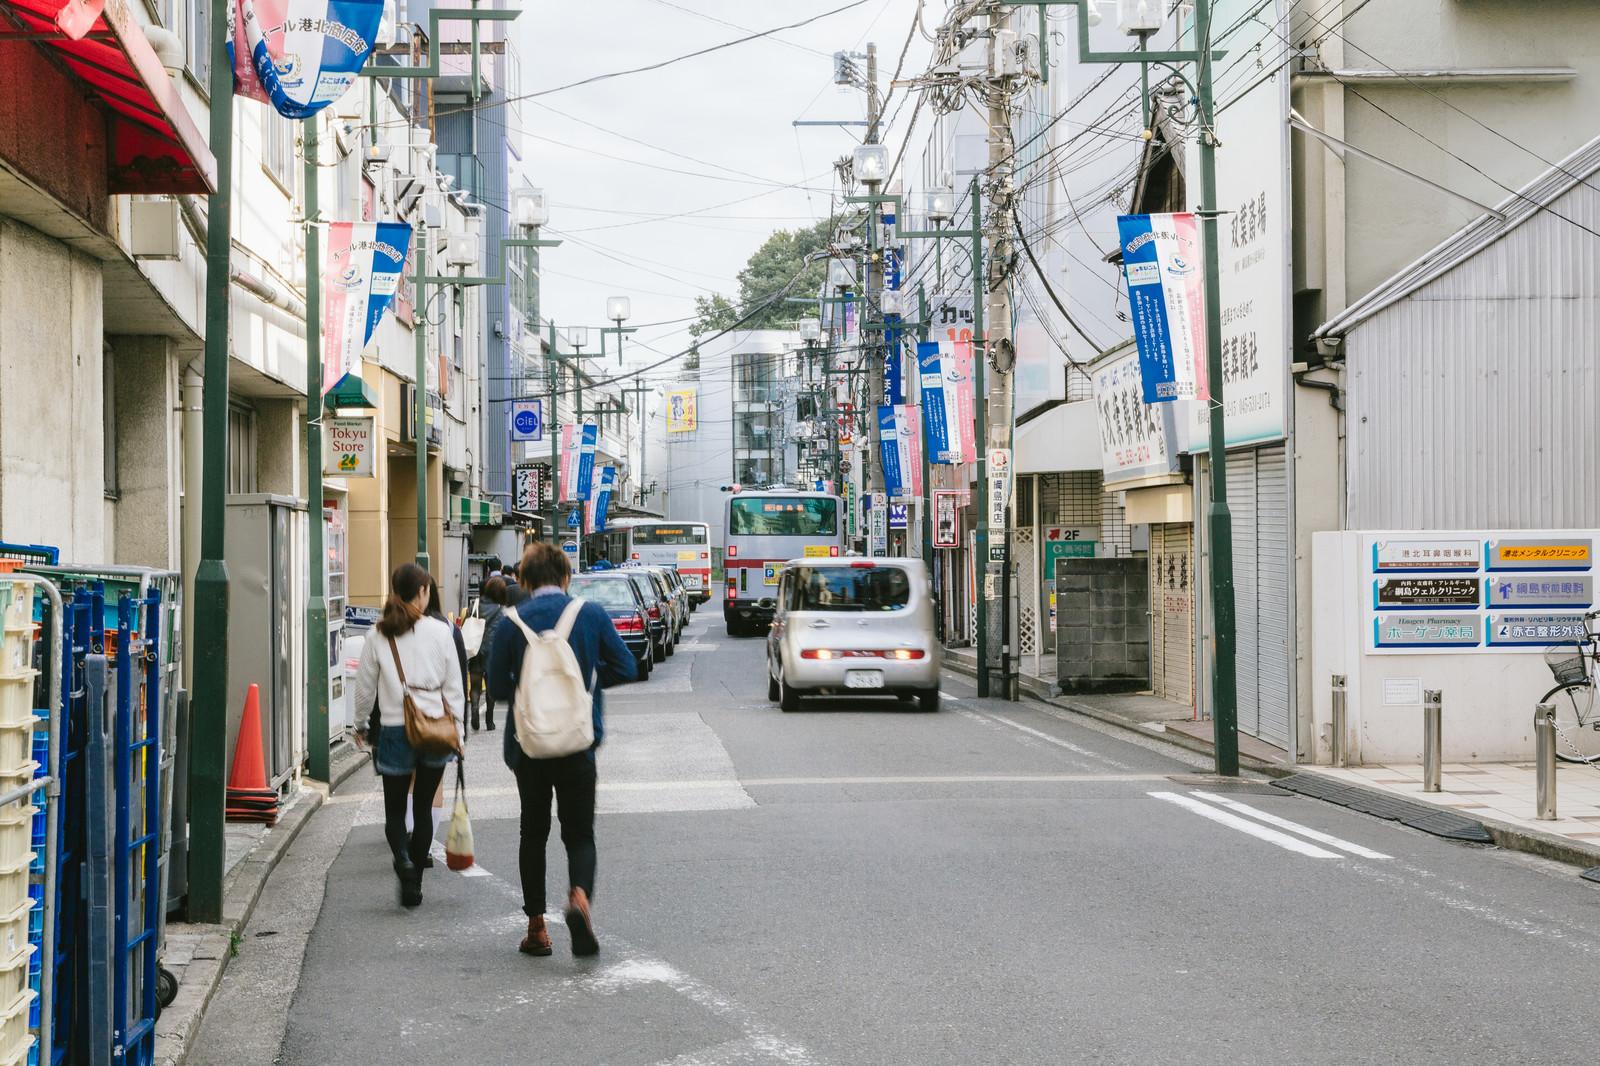 電柱がたくさんある道路を歩く人たち